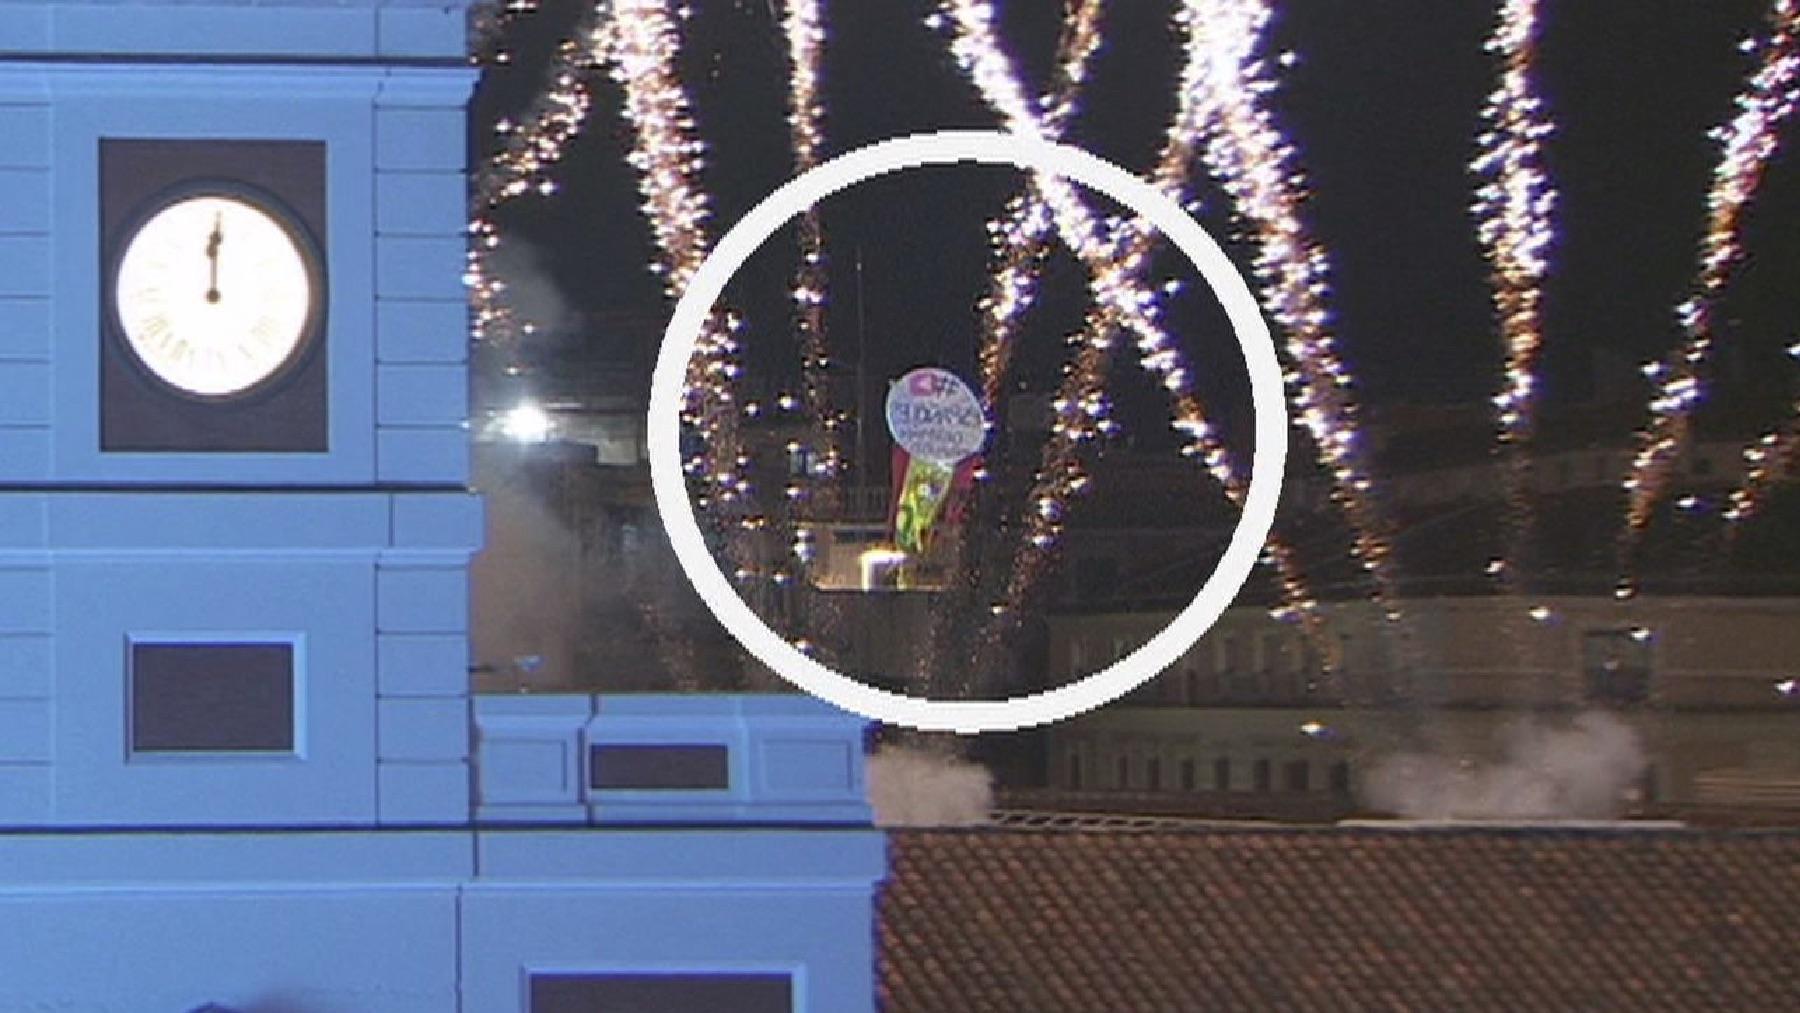 El dron durante las Campanadas 2021 de Fin de Año en la Puerta del Sol.